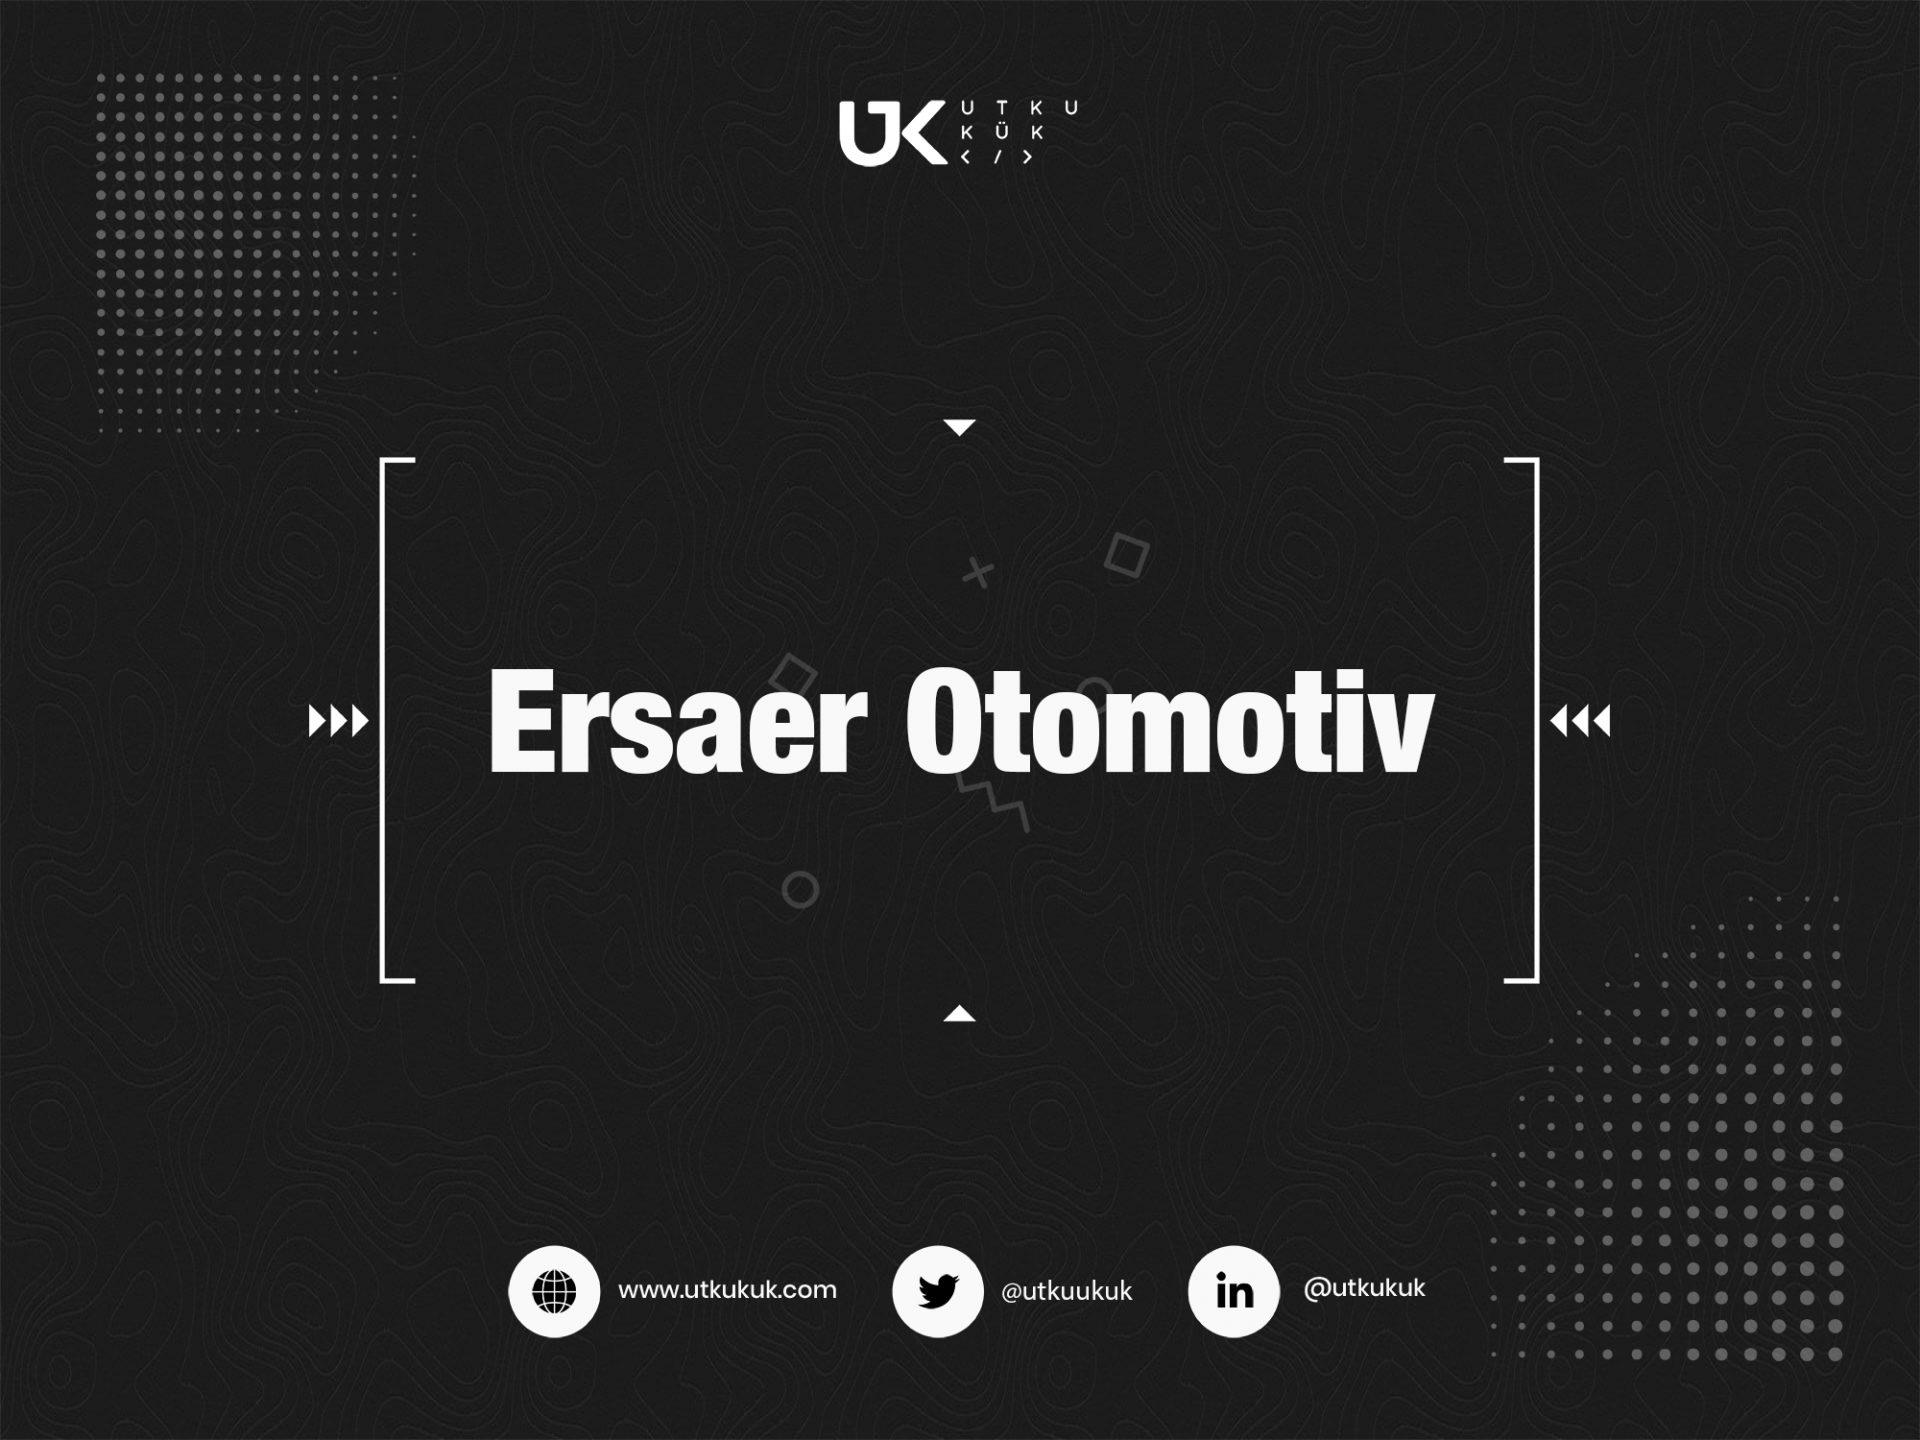 Ersaer Otomotiv